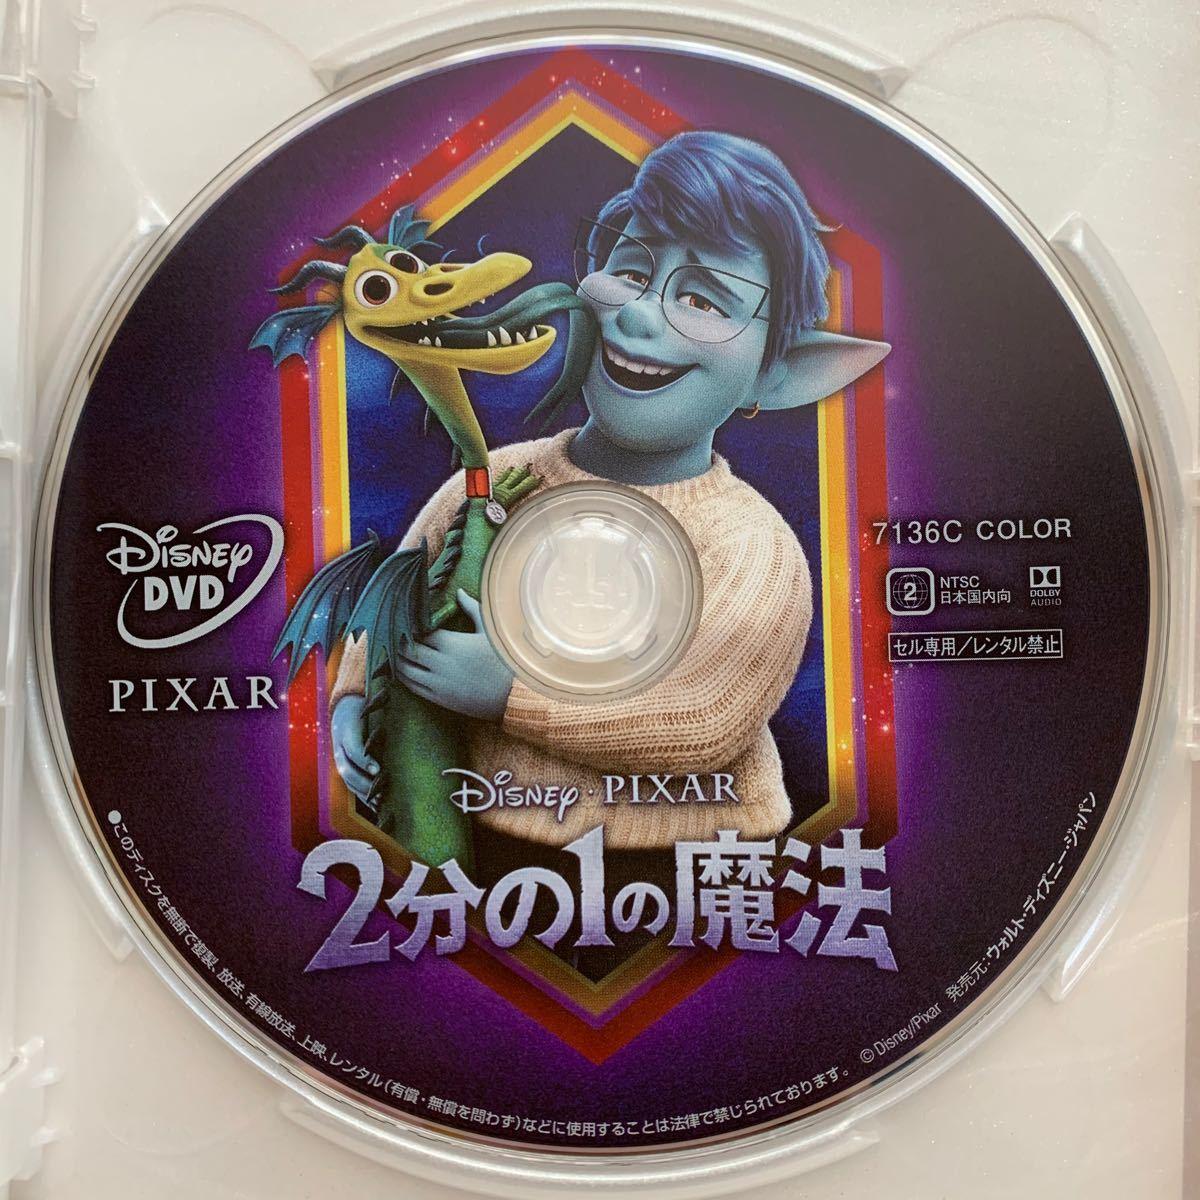 2分の1の魔法 DVD 国内正規版 新品未再生 MovieNEX ディズニー ピクサー